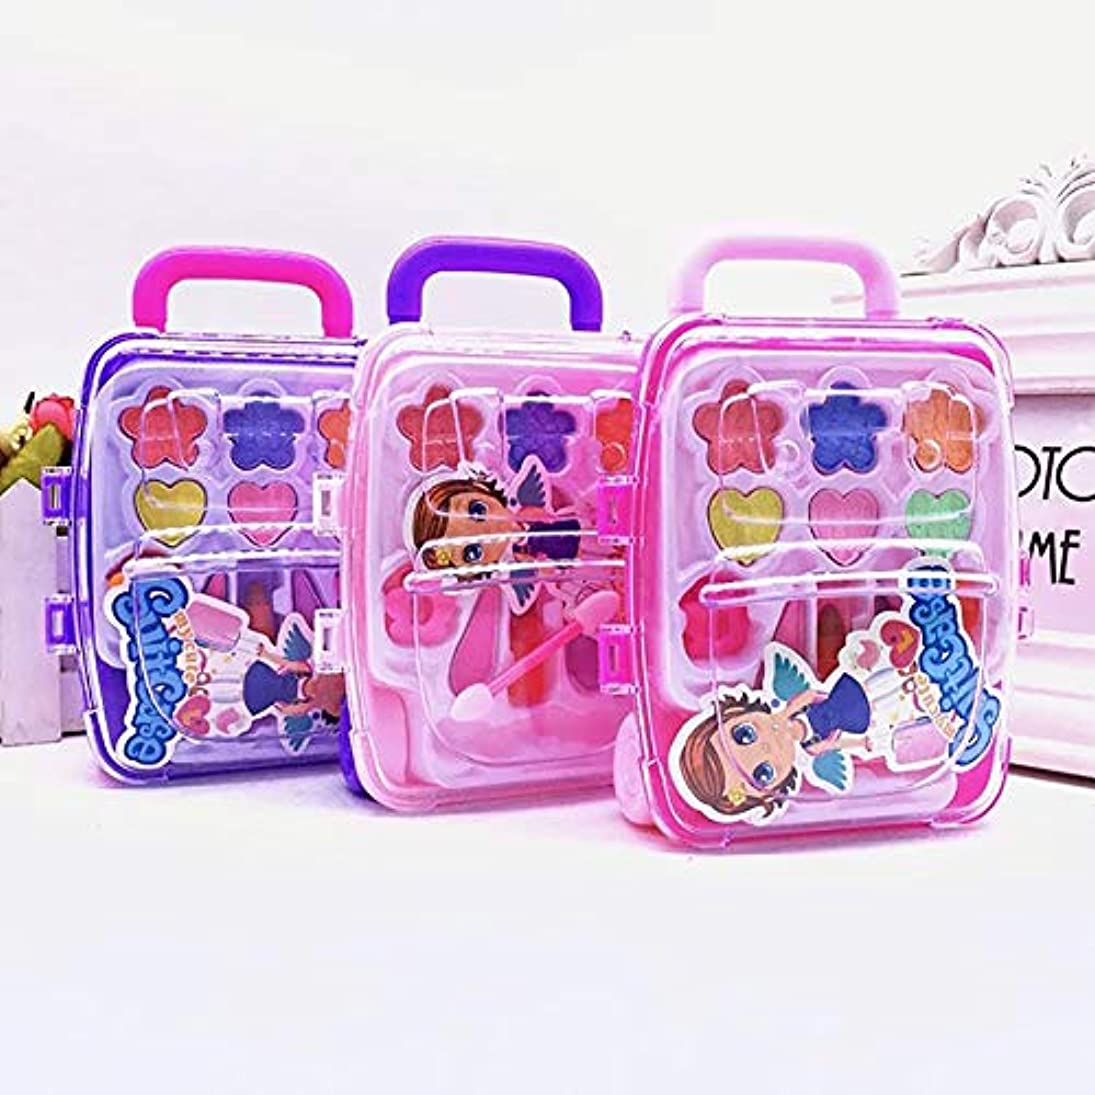 引退した気体のデザートかわいい王女ふりメイクセット化粧品シミュレーション子供女の子子供のおもちゃ - ランダムな色